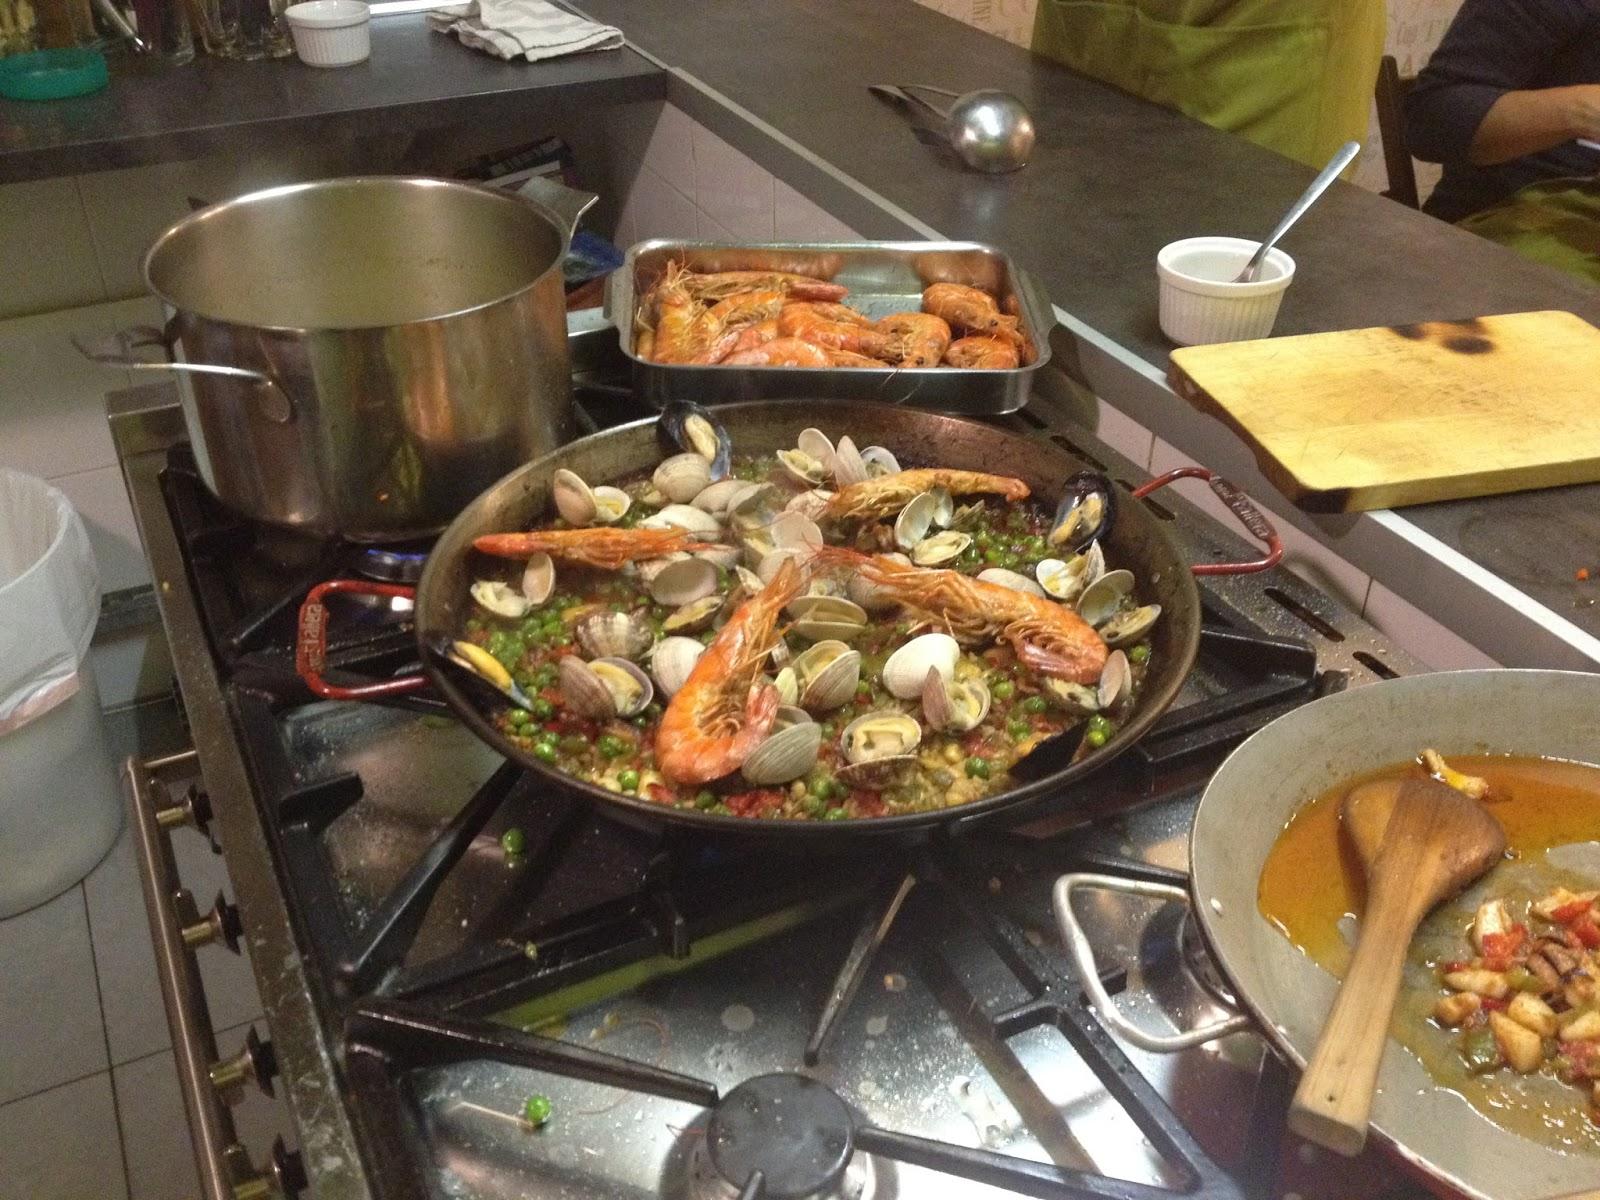 Paella marinera curso aula gastronomica recetas de cocina - Cocina con sara paella ...